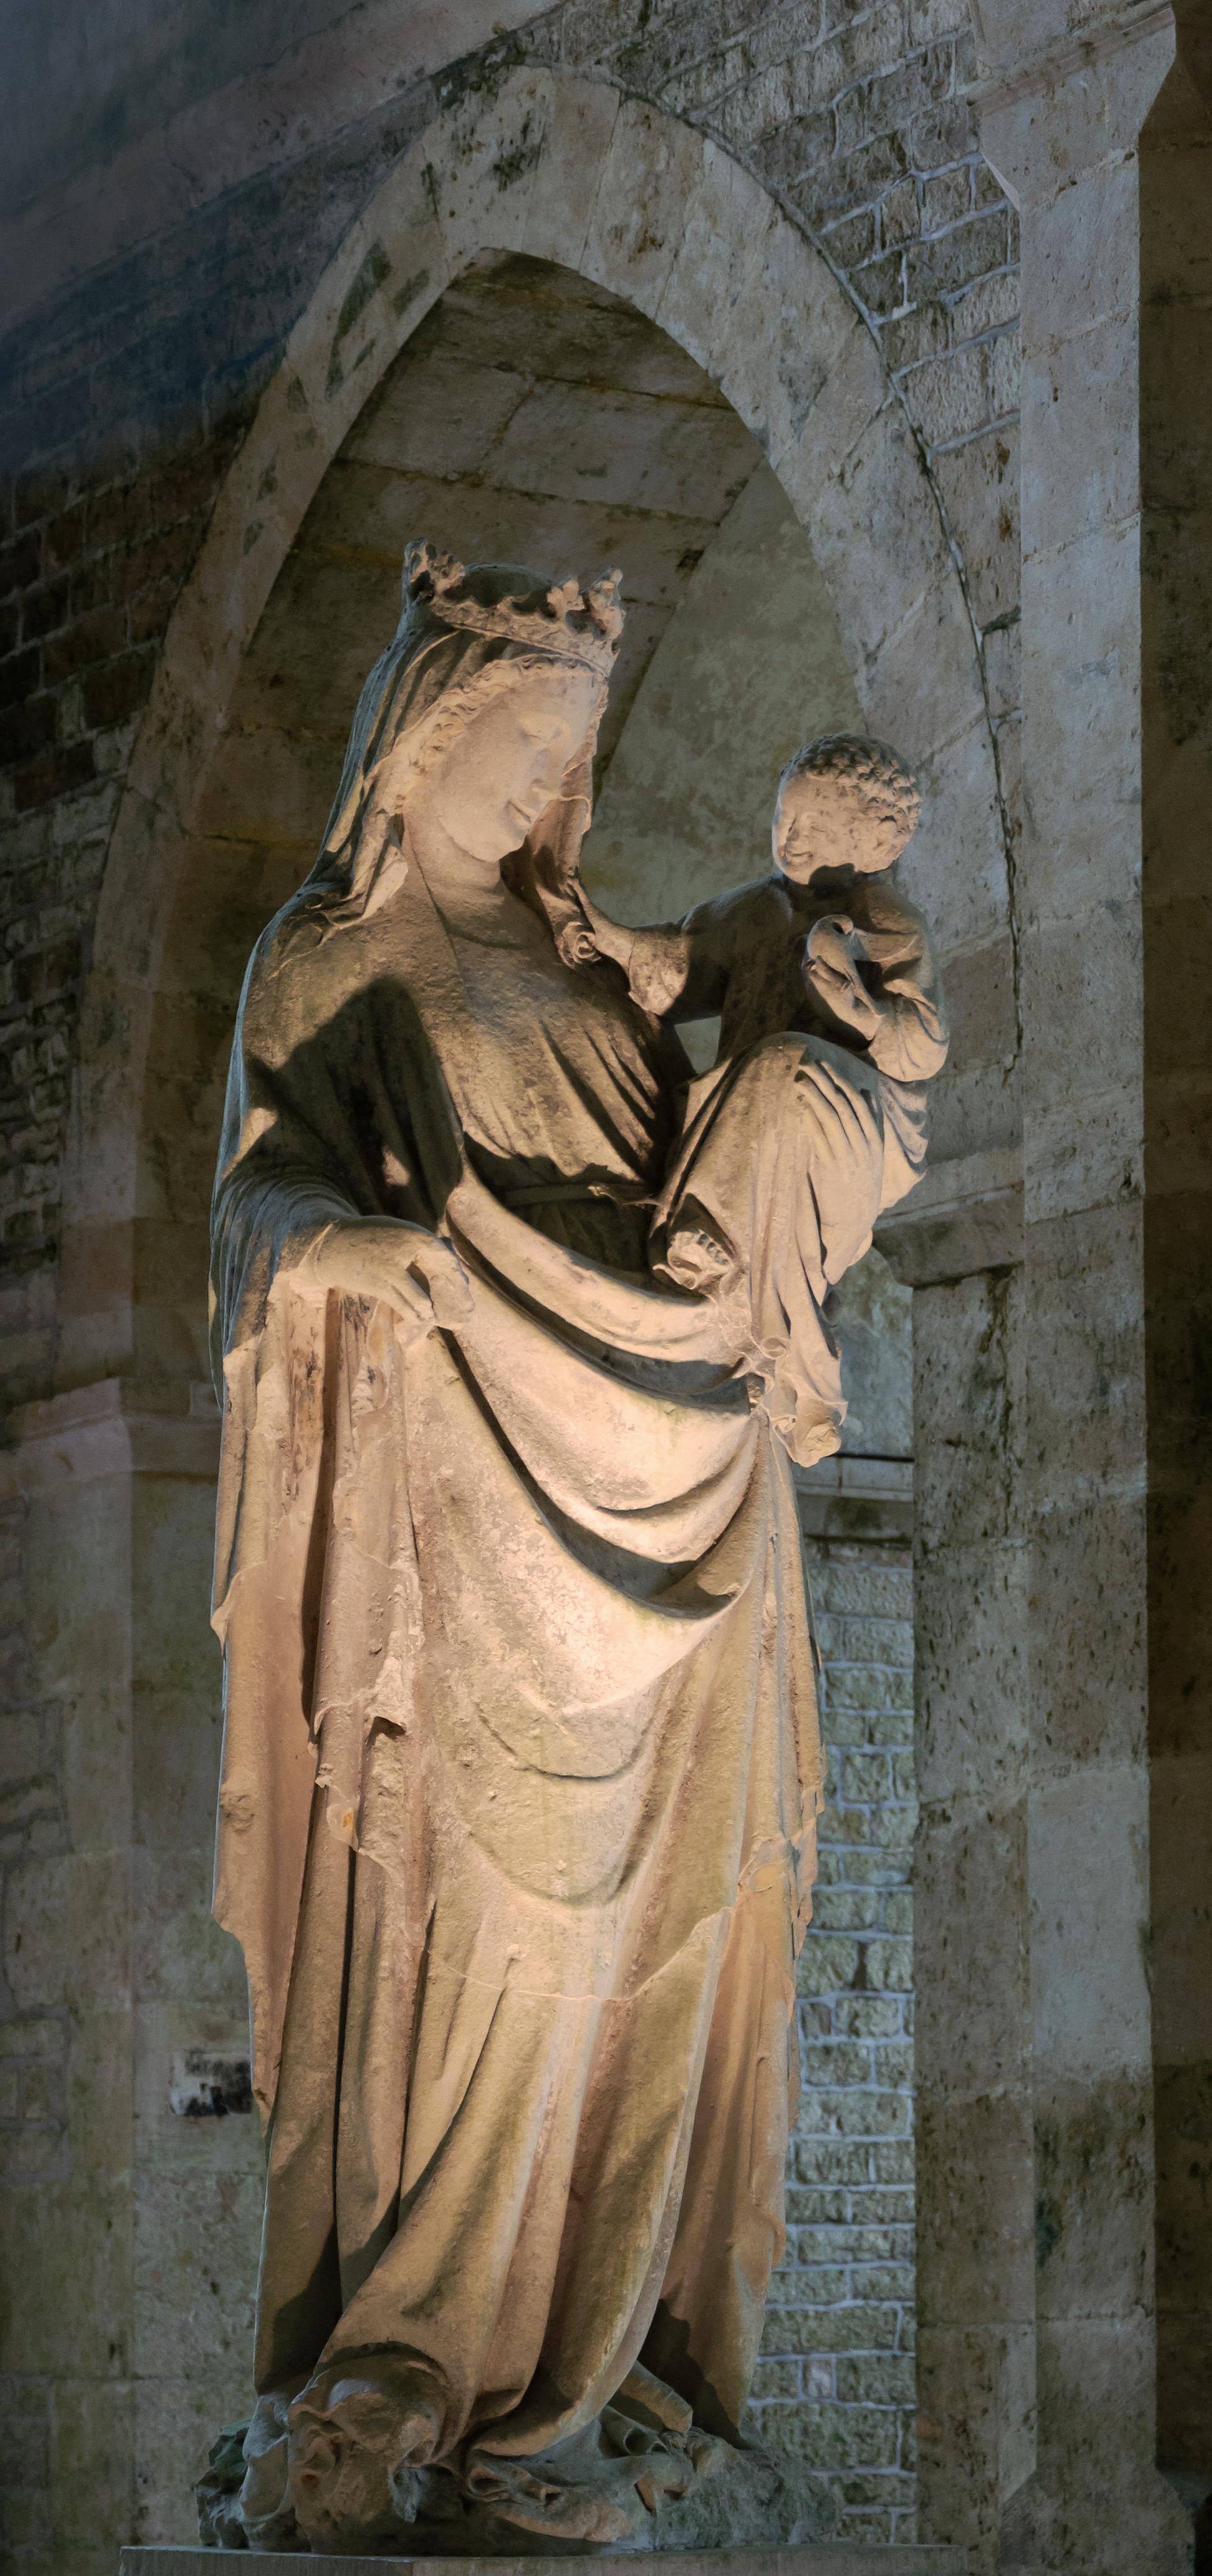 Vierge à l'Enfant, Abbaye de Fontenay (Marmagne, Côte-d'Or, Bourgogne, France)